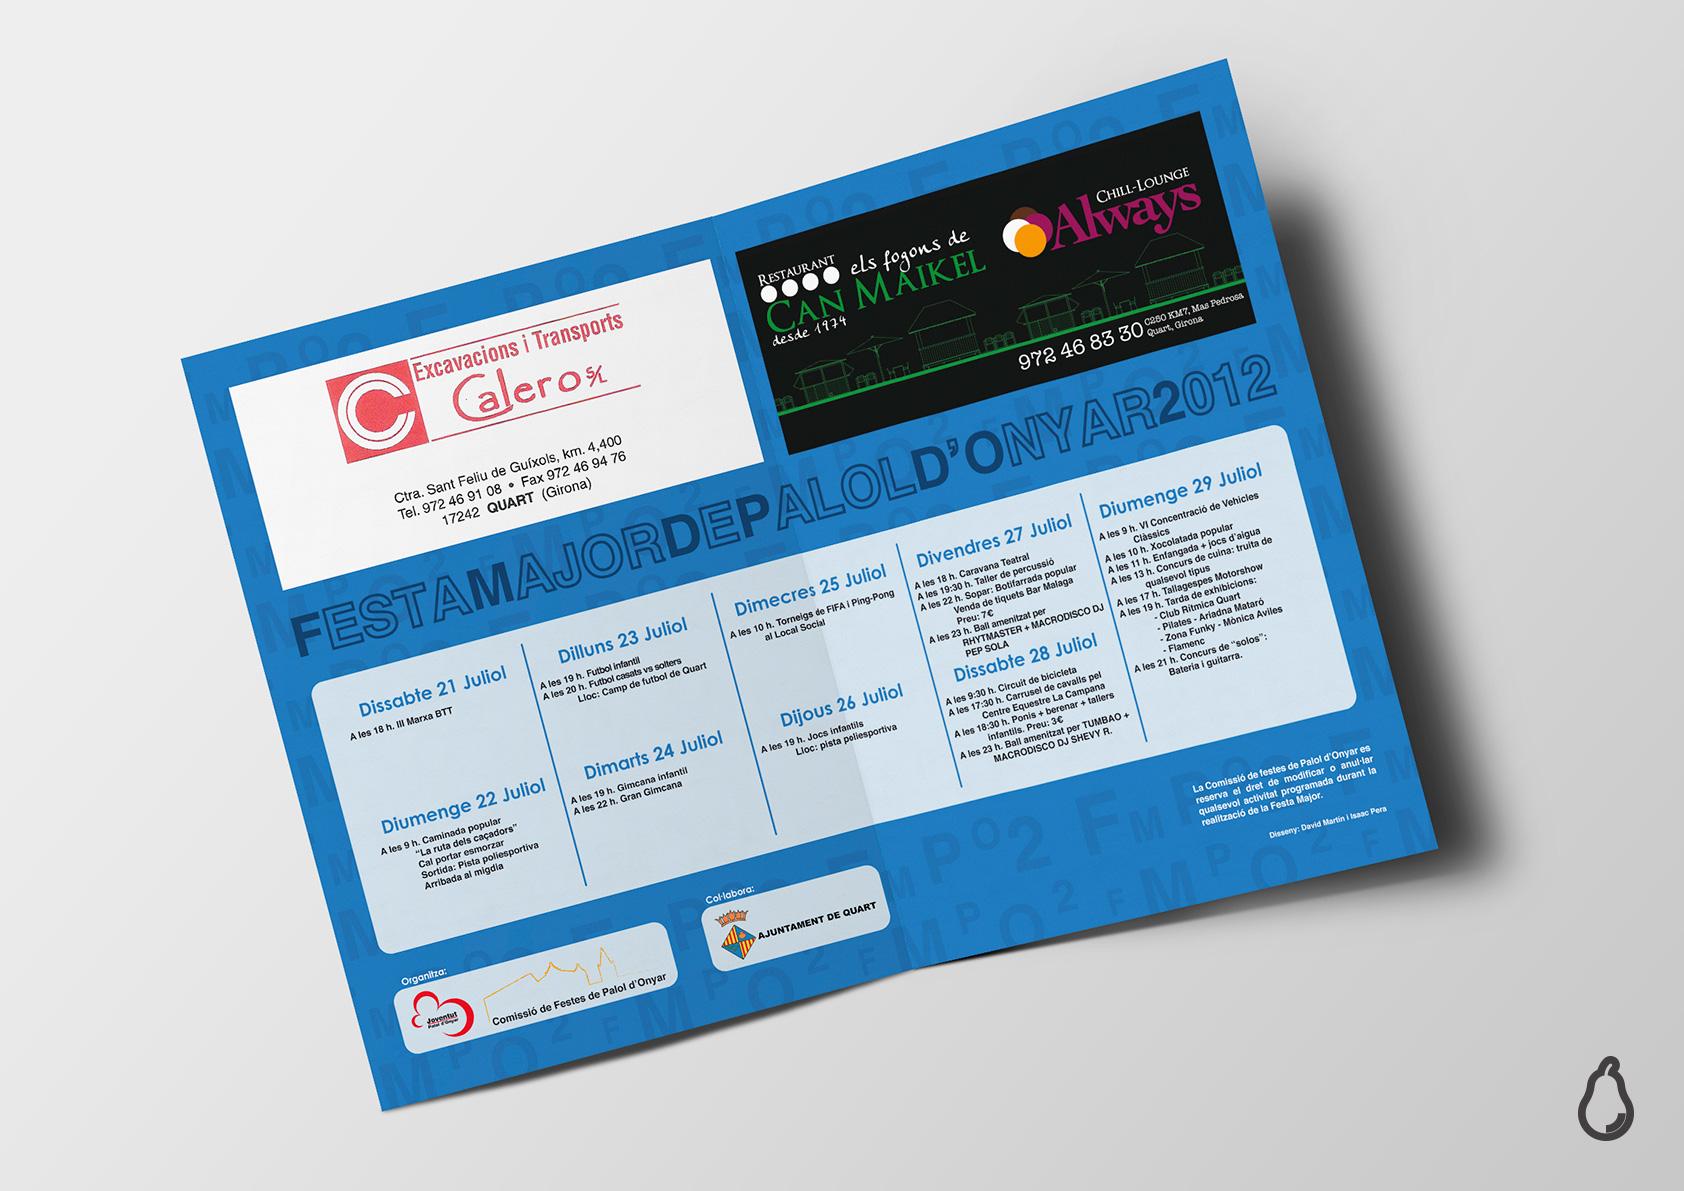 Programa-2012-CFPO